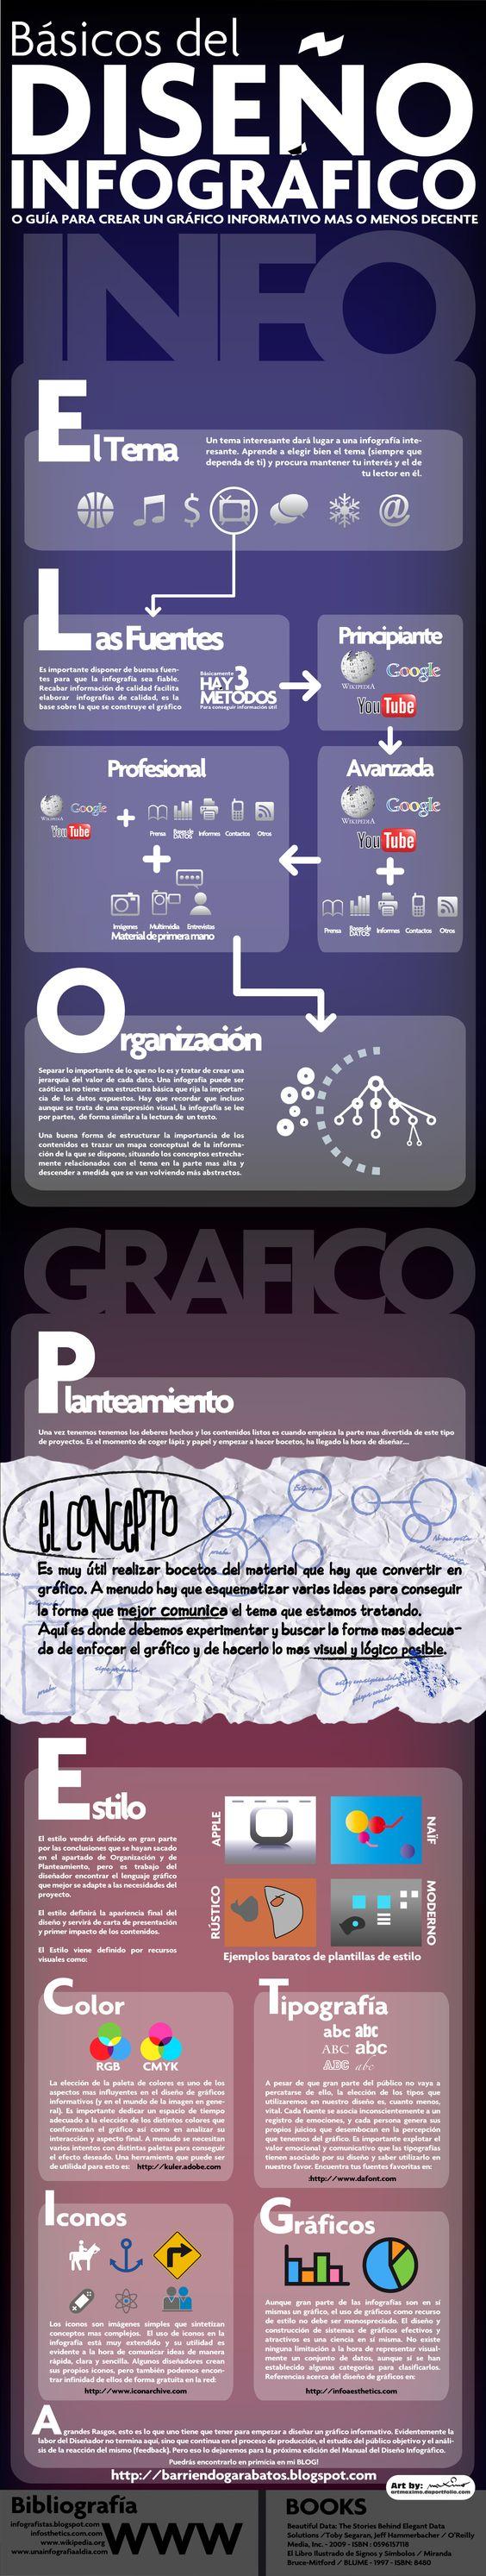 Infografía en español con guía para crear una infografia